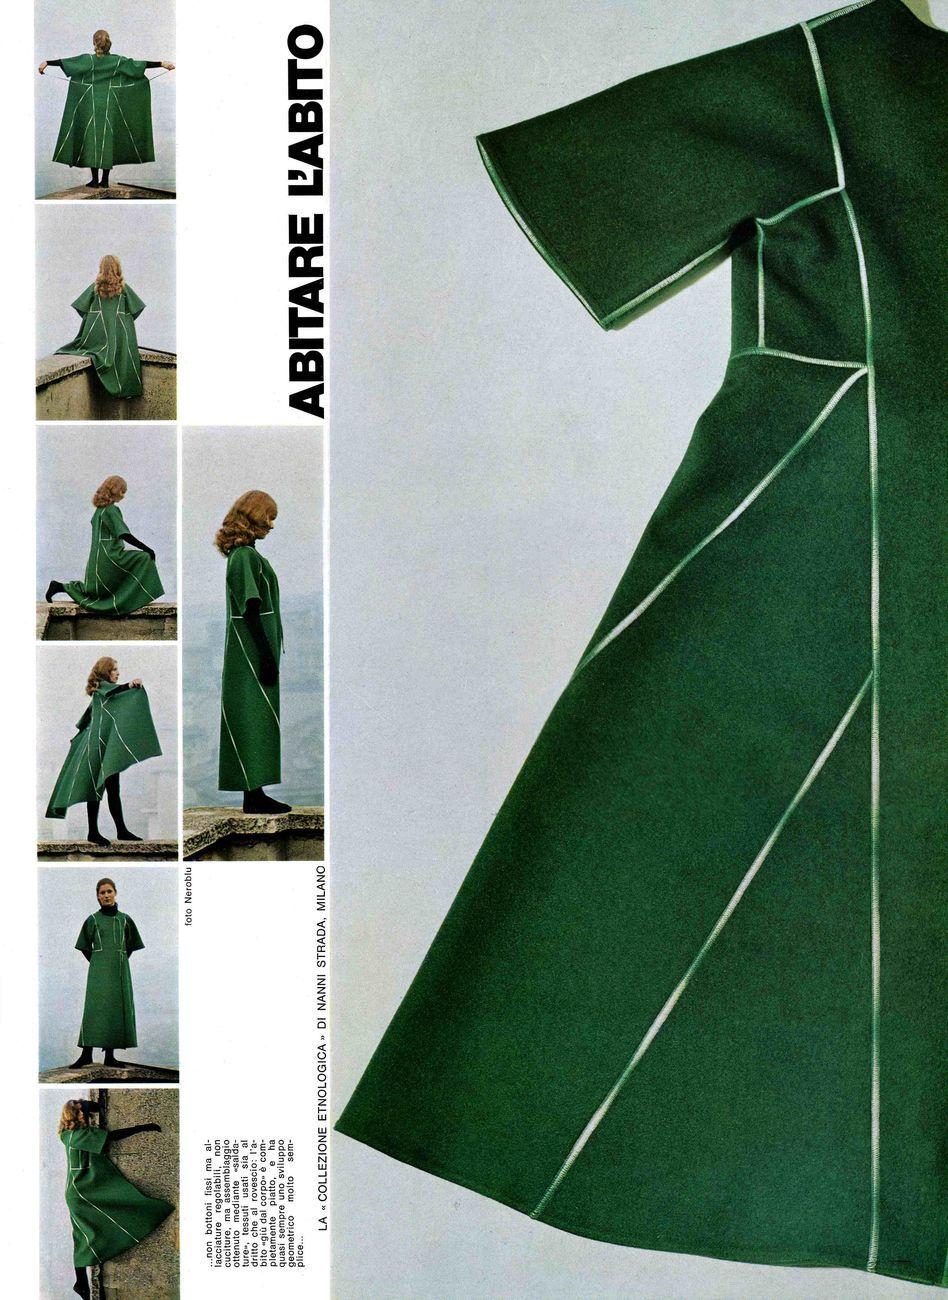 Una pagina dell'articolo di Domus sulla Collezione inverno 1971 72 progettata nel 1970 e prodotta da Sportmax © Nanni Strada Design Studio